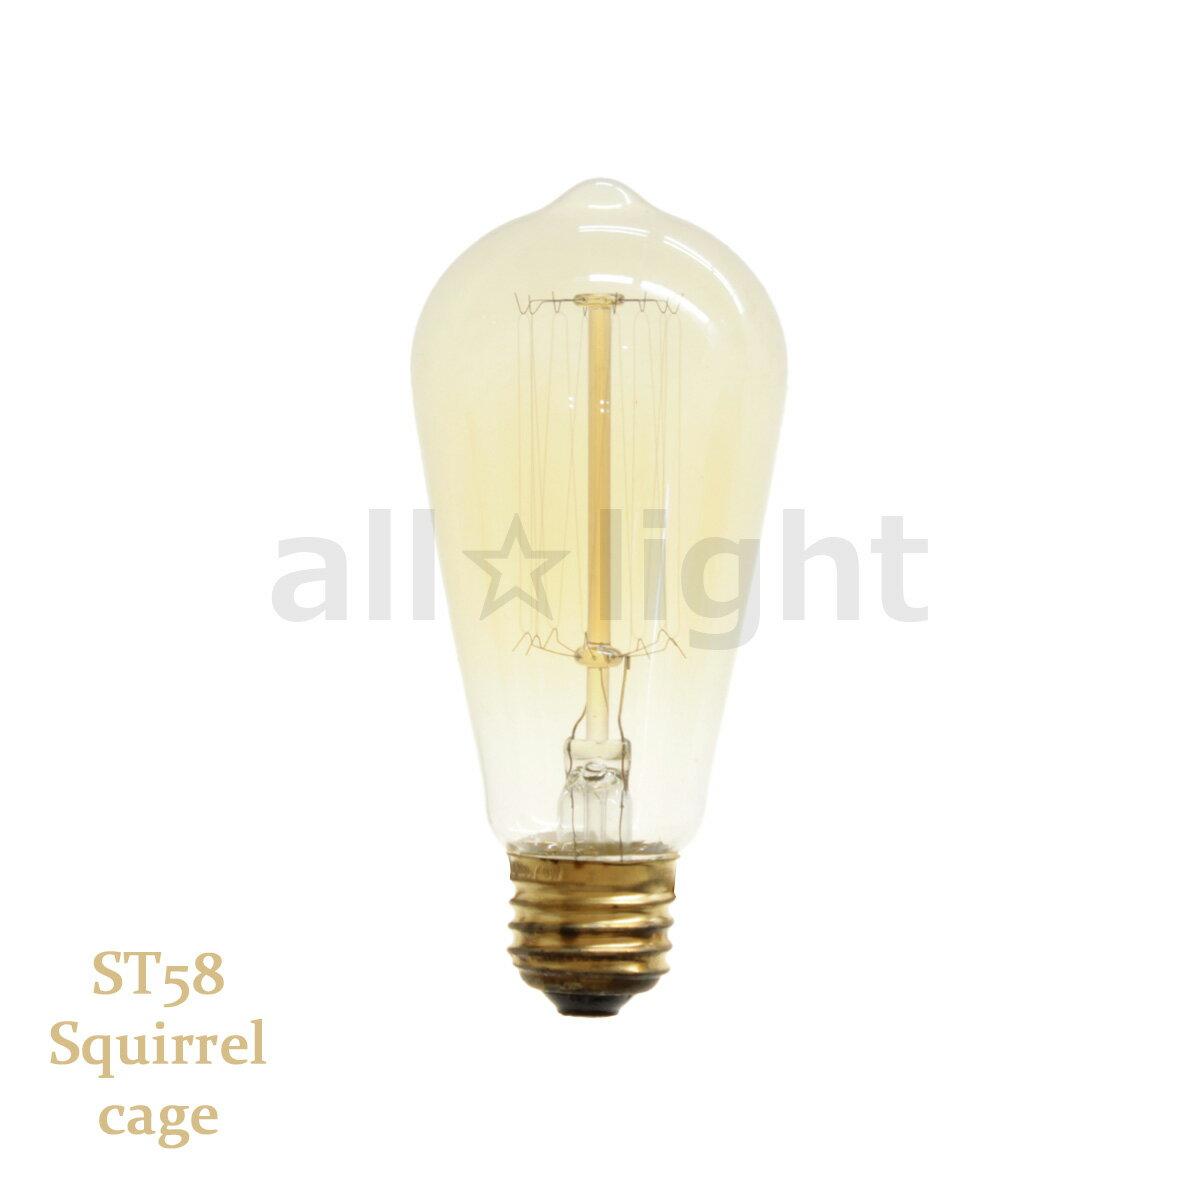 ☆★ エジソンバルブ(エジソン電球) ナス球形 ST58 E26 110V 40W Squirrel cage ST58 E26 110V 40W SC